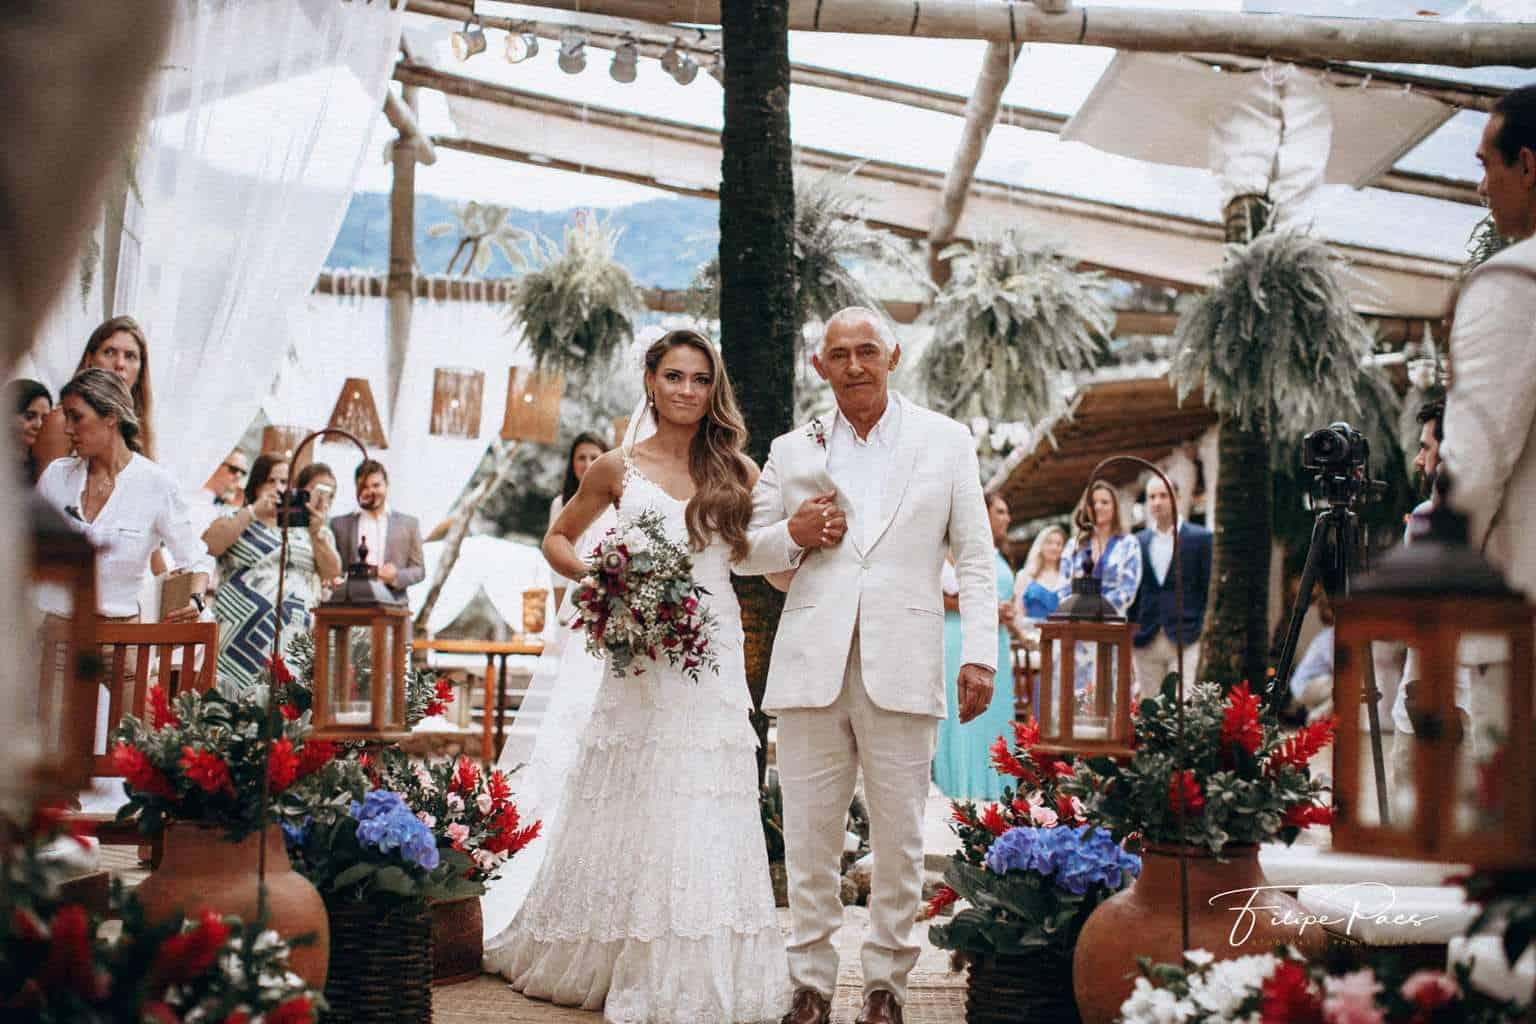 casamento-ao-ar-livre-casamento-de-dia-casamento-Maira-e-Erick-casamento-na-praia-cerimônia-Fotografia-Filipe-Paes-Studio-47-Luaia-Cabanas-Maresias-São-Paulo-13